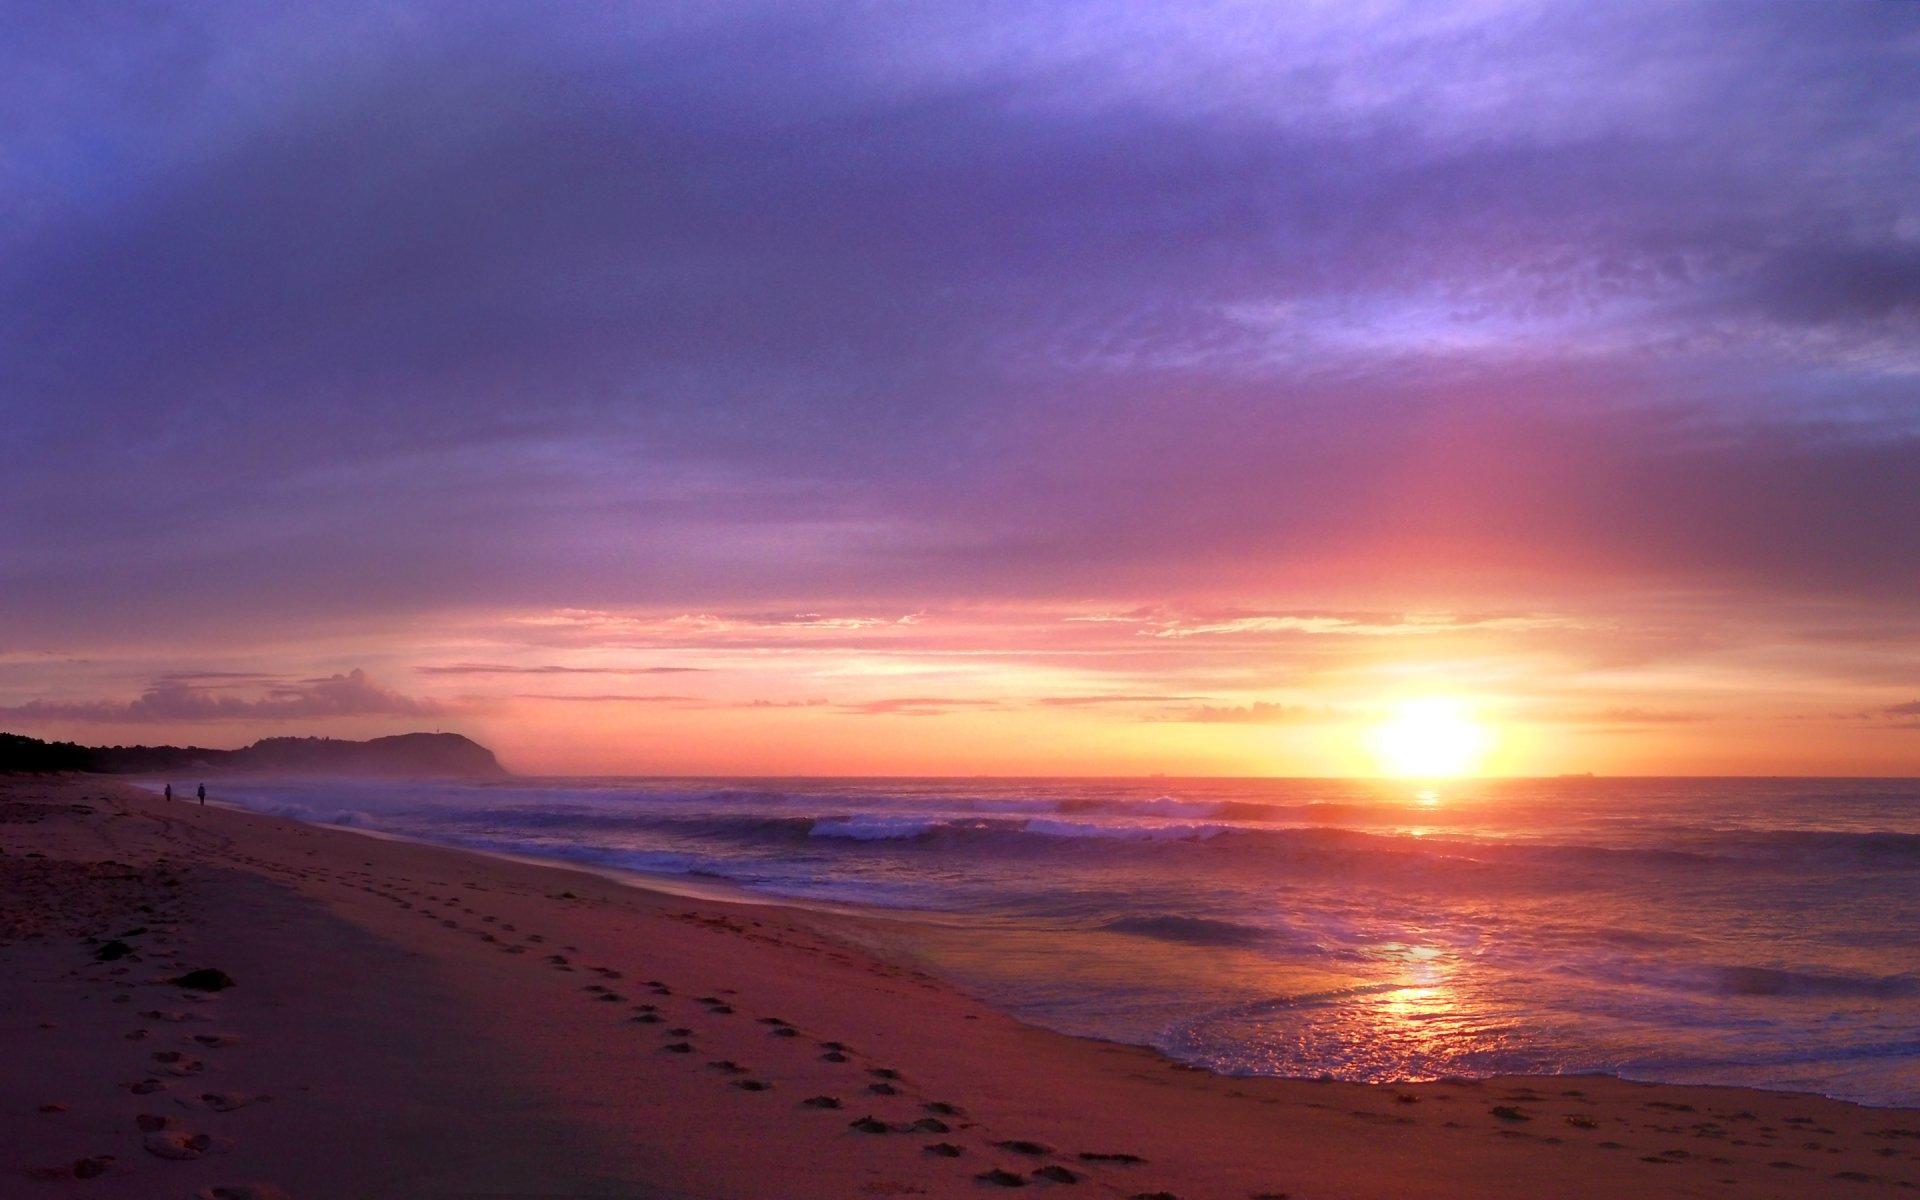 kootation com beach sunset backgrounds hd wallpaper picture html 1920x1200